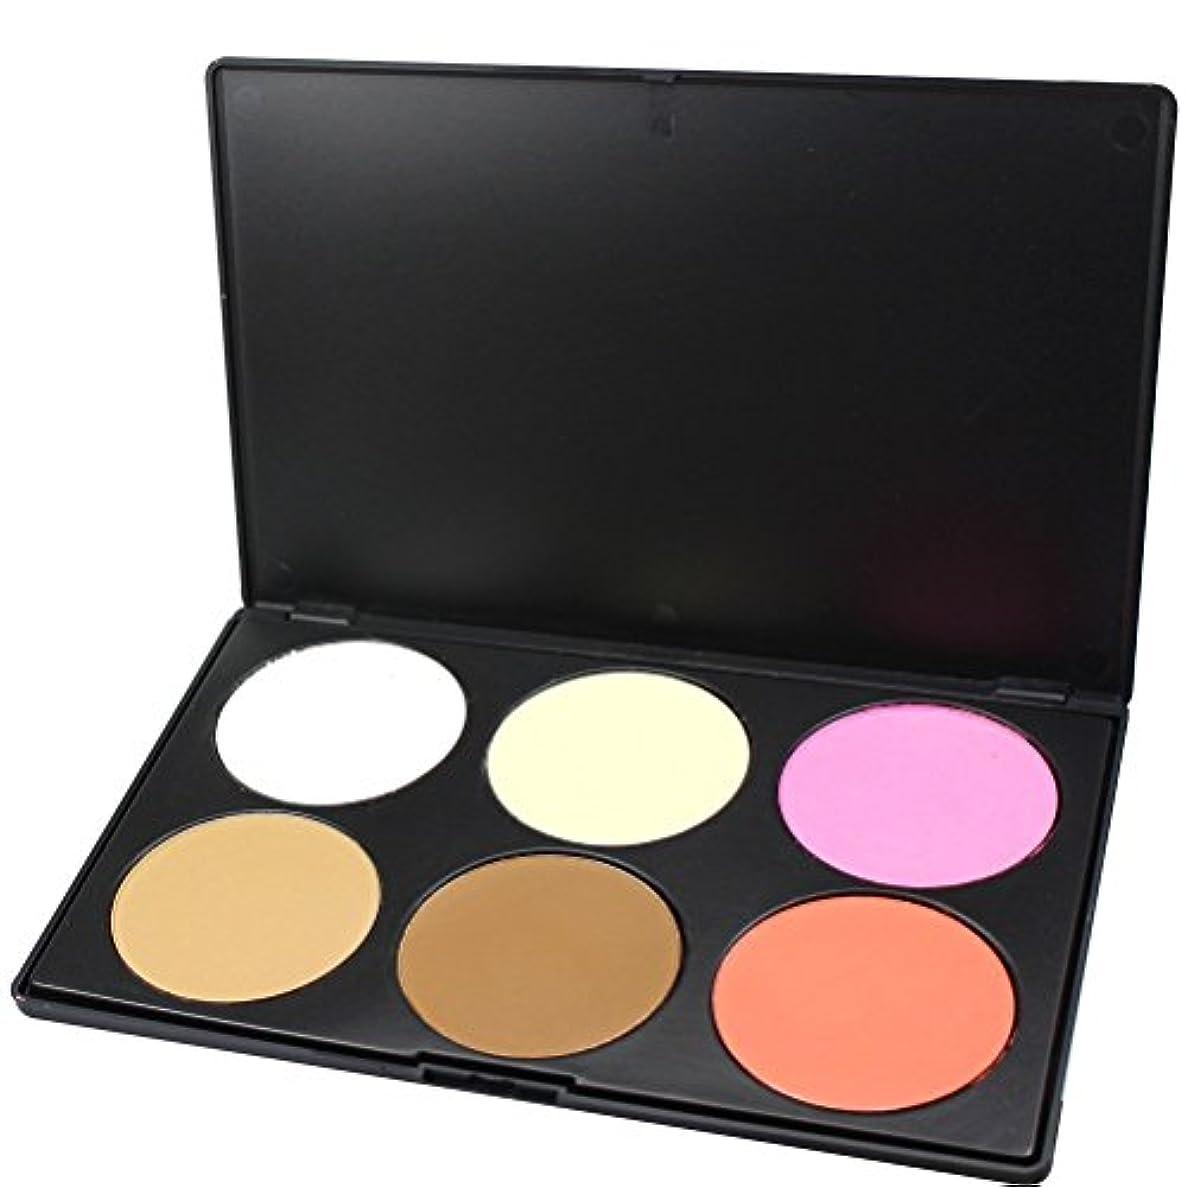 要旨リーガン機械(メイクアップエーシーシー) MakeupAcc6色メイクアップパレット チークカラー ハイライト ウォームニュートラル系 ばら色 オレンジ ブラウン コスメ【並行輸入品】